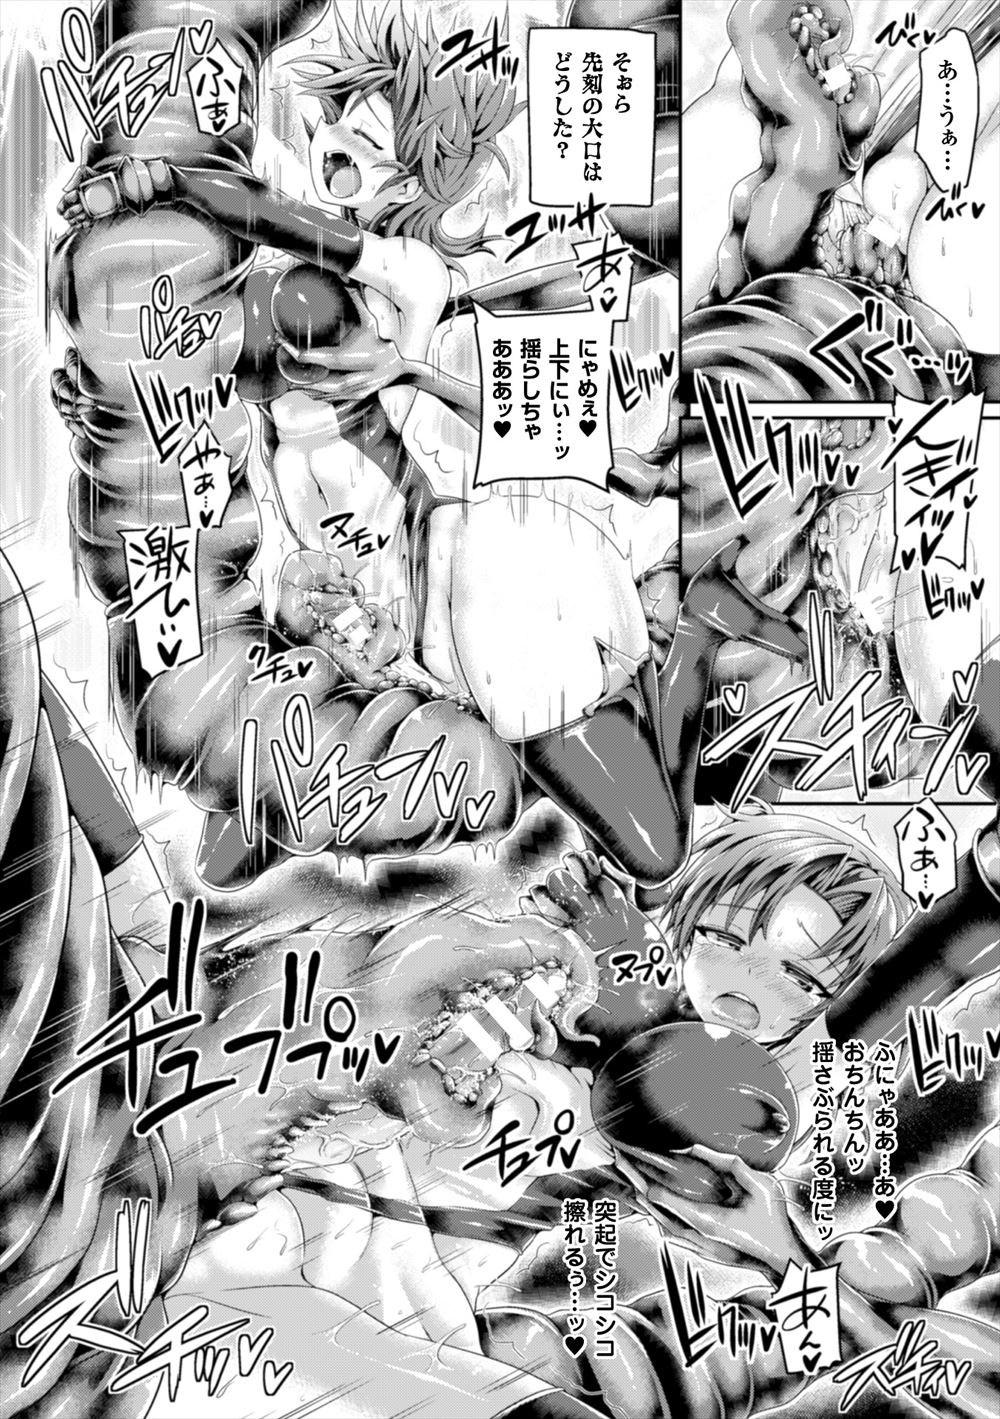 エロいボンデージスーツに身を包んだ正義の味方が魔物にふたなりに改造されたばかりか触手のヌルヌルで肉棒を擦られて身体中を刺激されて…【エロ漫画同人誌】 014